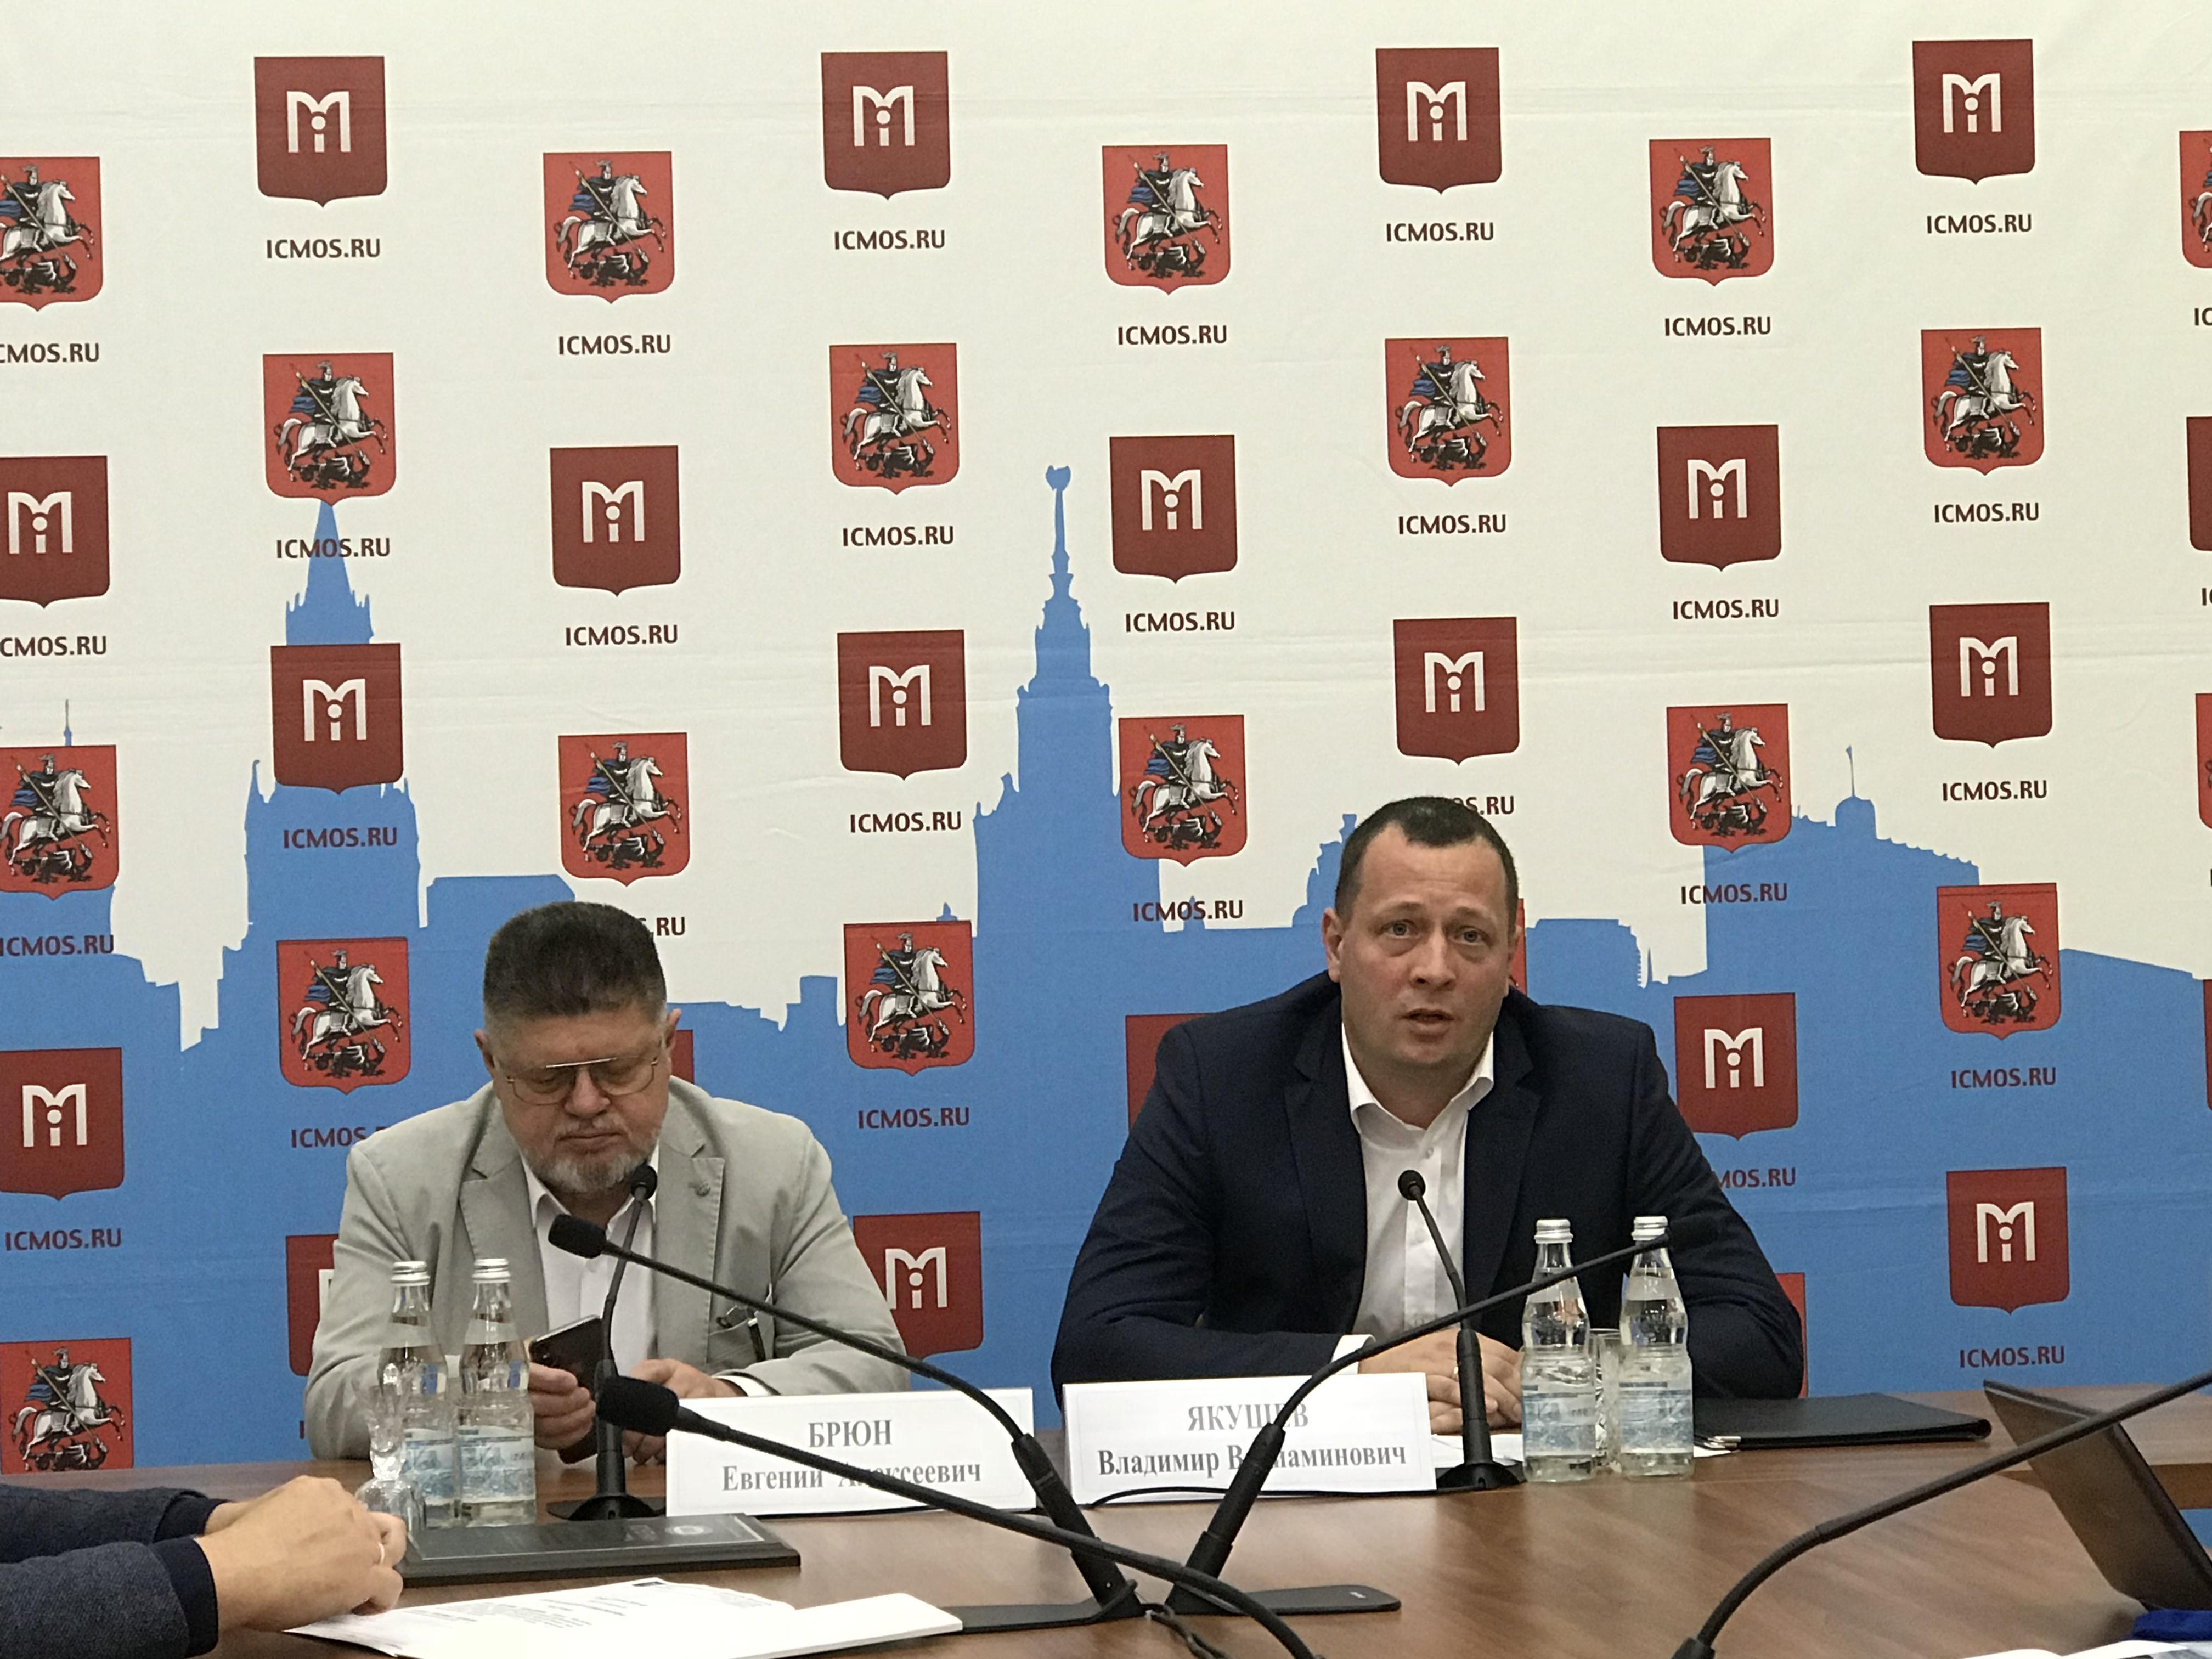 Пресс-конференцию «Наркологическая служба Москвы» провели в столице